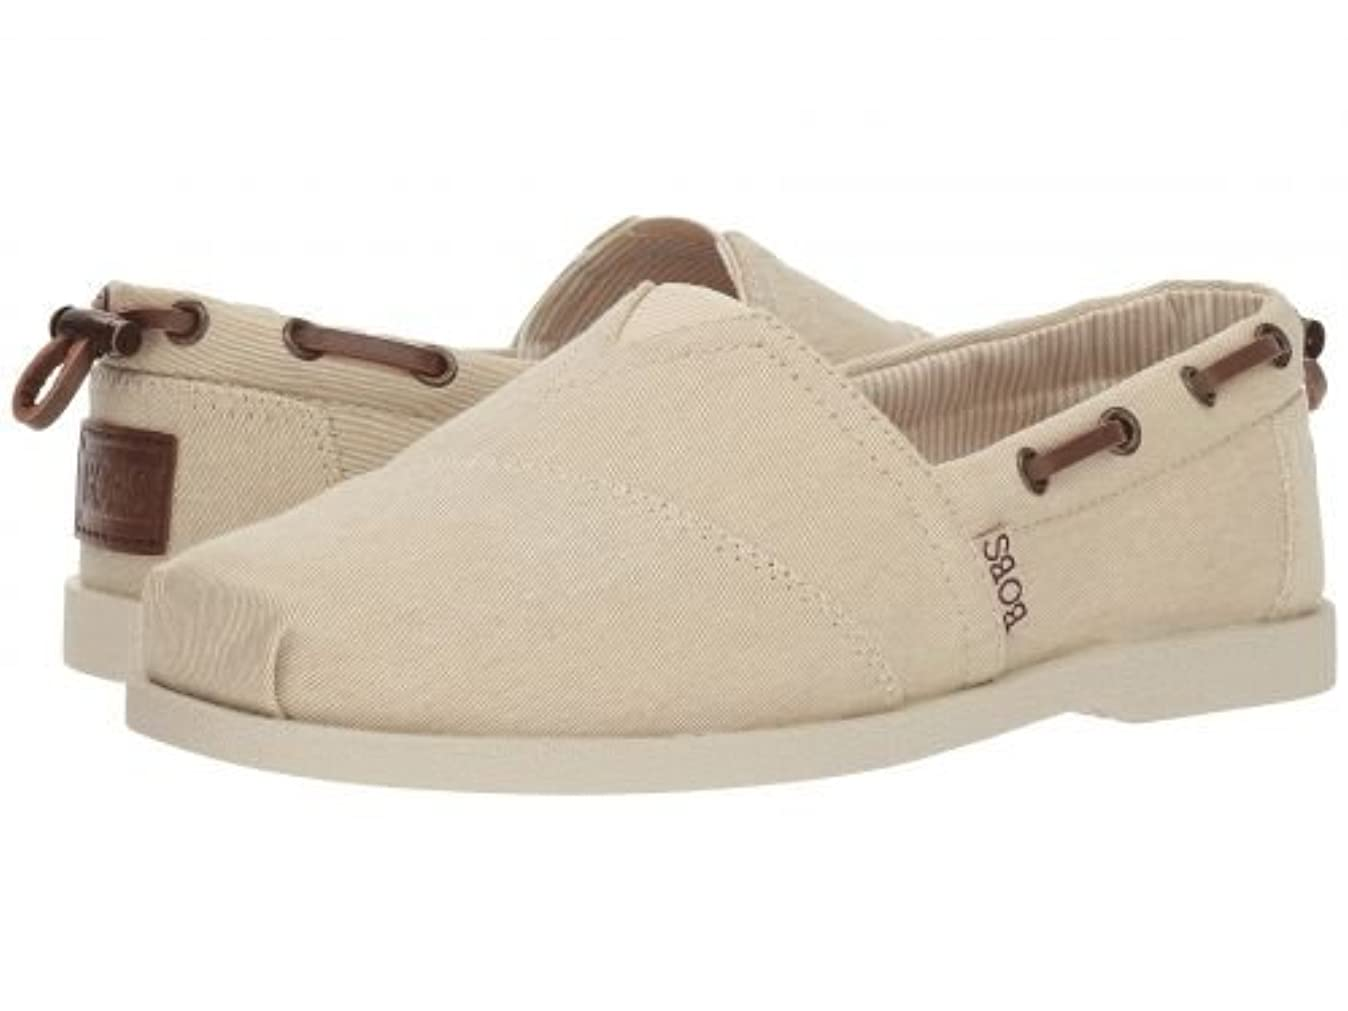 輝く文明化に対応BOBS from SKECHERS(ボブス スケッチャーズ) レディース 女性用 シューズ 靴 ローファー ボートシューズ Chill Luxe - Fancy Me - Natural [並行輸入品]